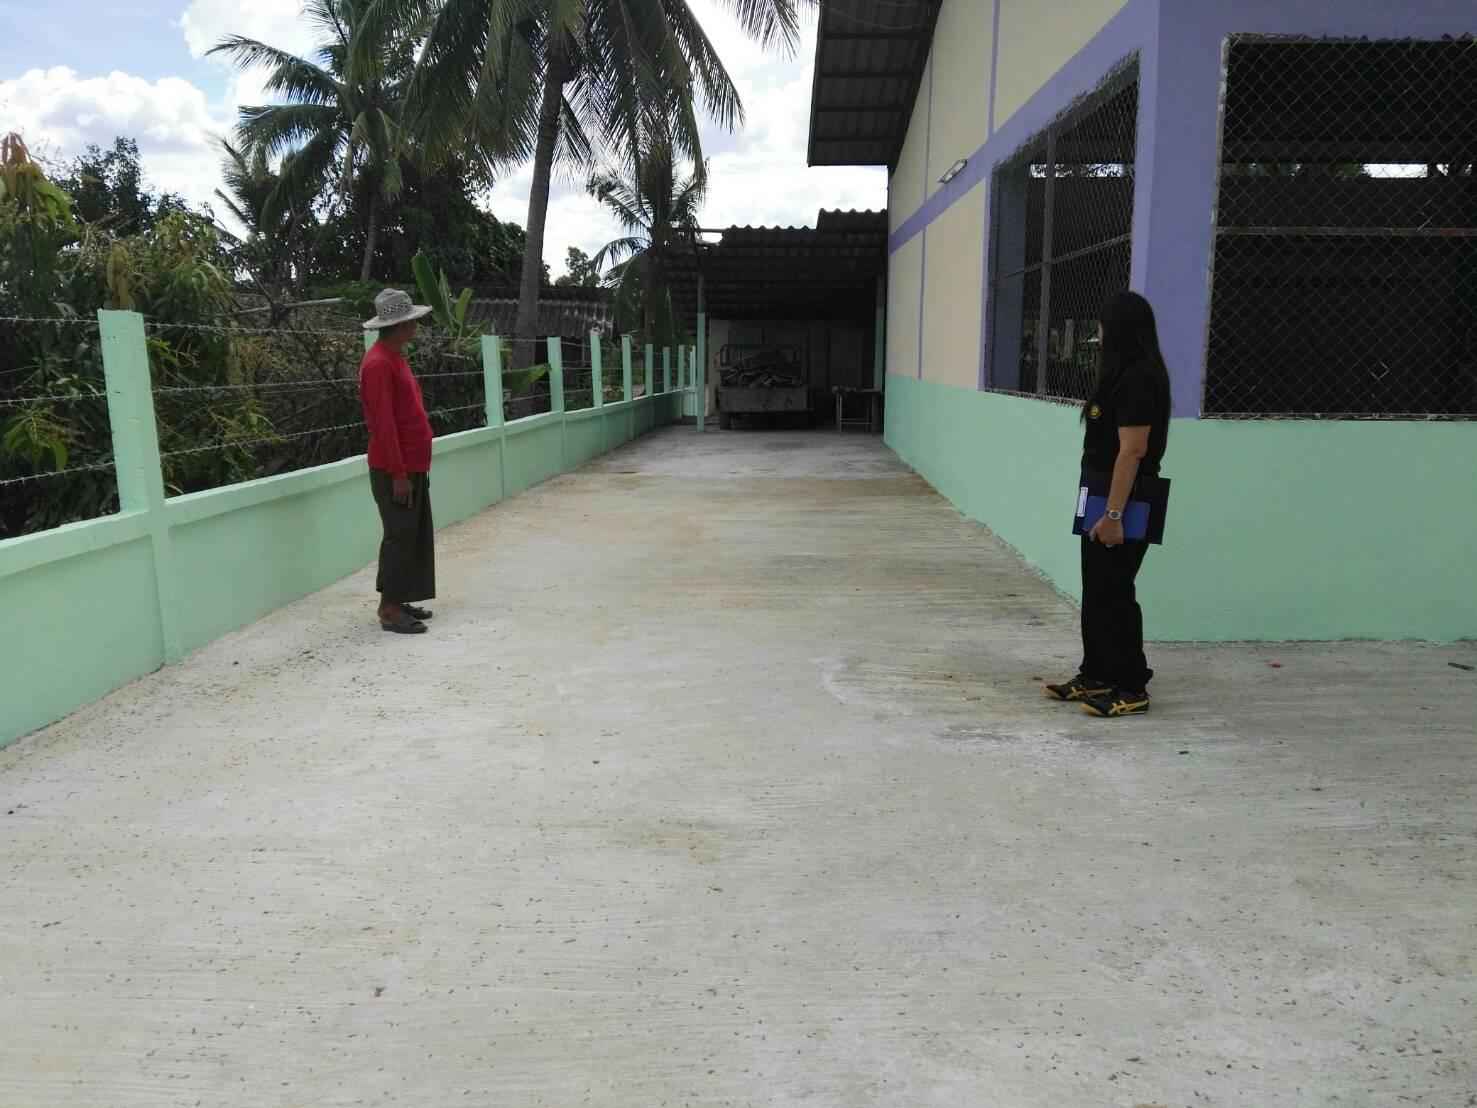 จัดหางานสุรินทร์ ลงพื้นที่ติดตามโครงการยกระดับศักยภาพหมู่บ้านฯ